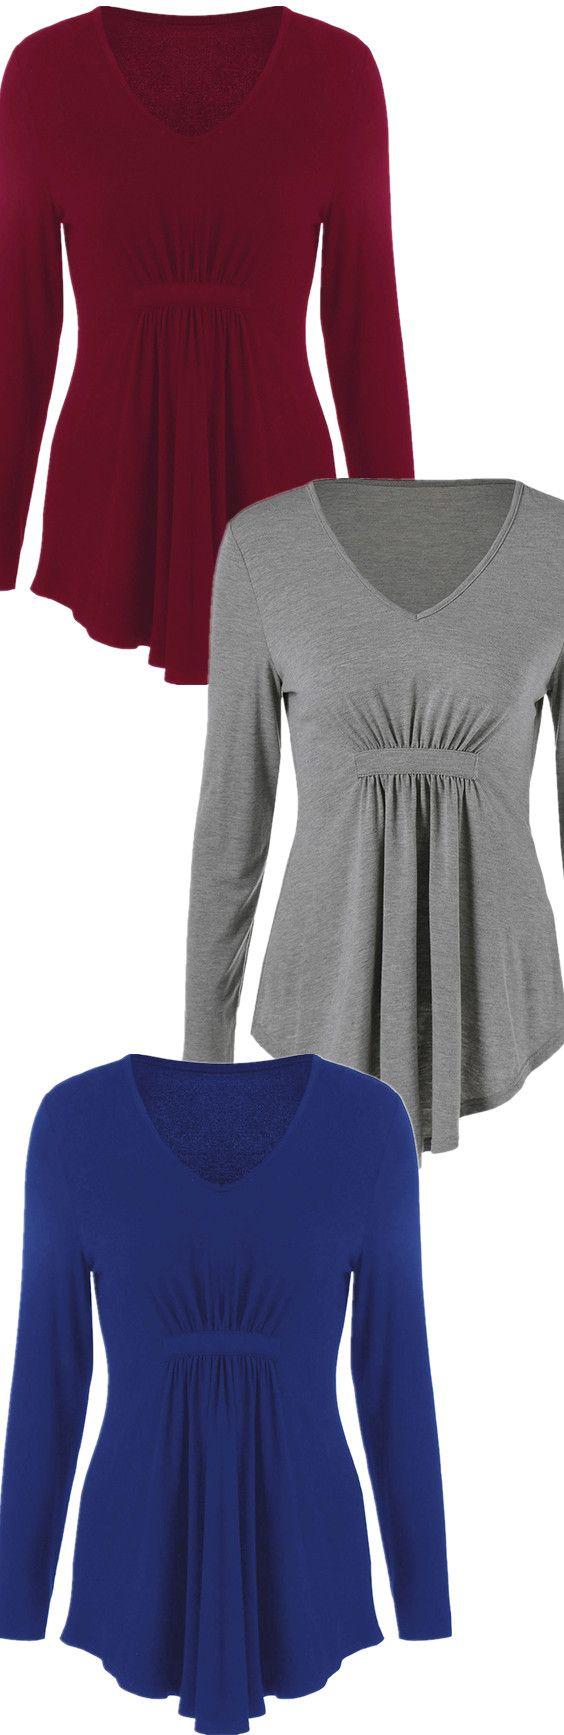 Best 25 empire waist tops ideas on pinterest for Empire waist t shirt dress